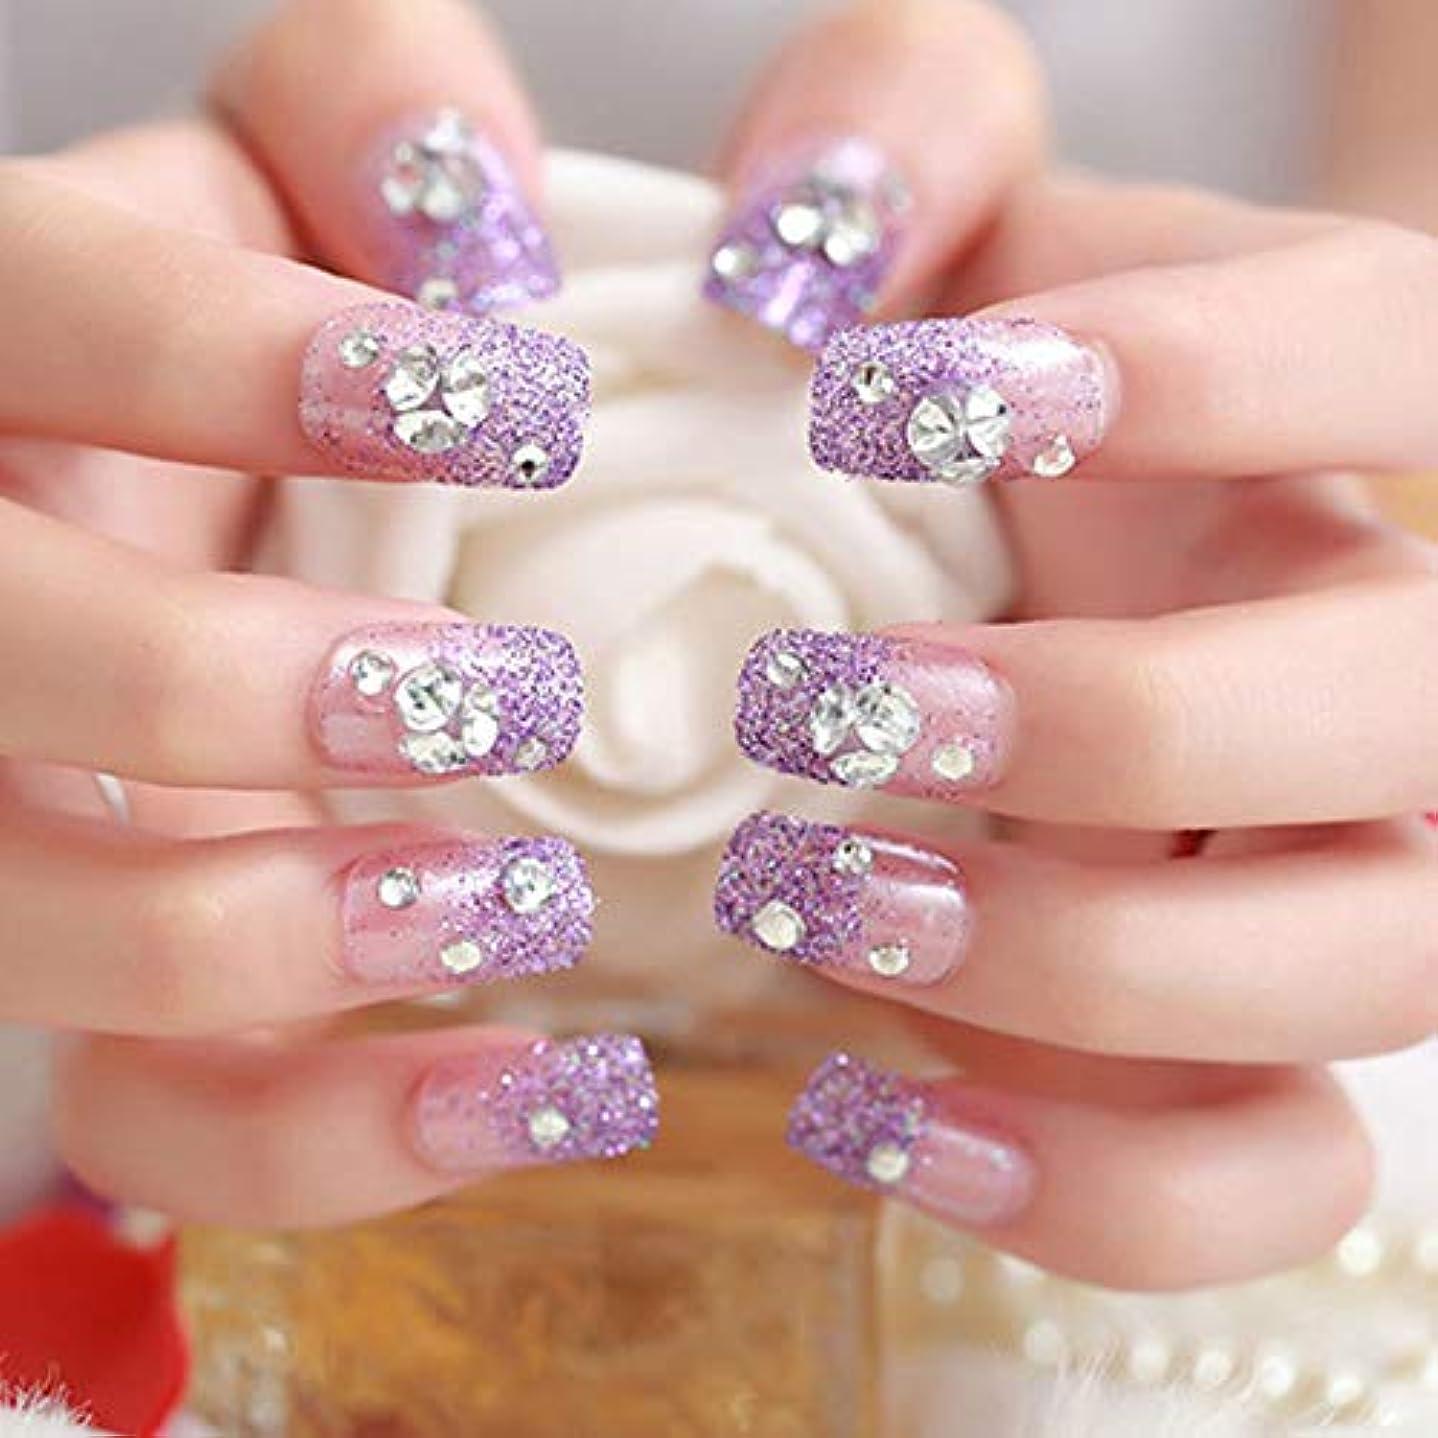 無意味絶壁インタビューXUTXZKA キラキラ人工爪紫色の輝くラインストーン結婚式の花嫁のネイルアートフェイクネイル